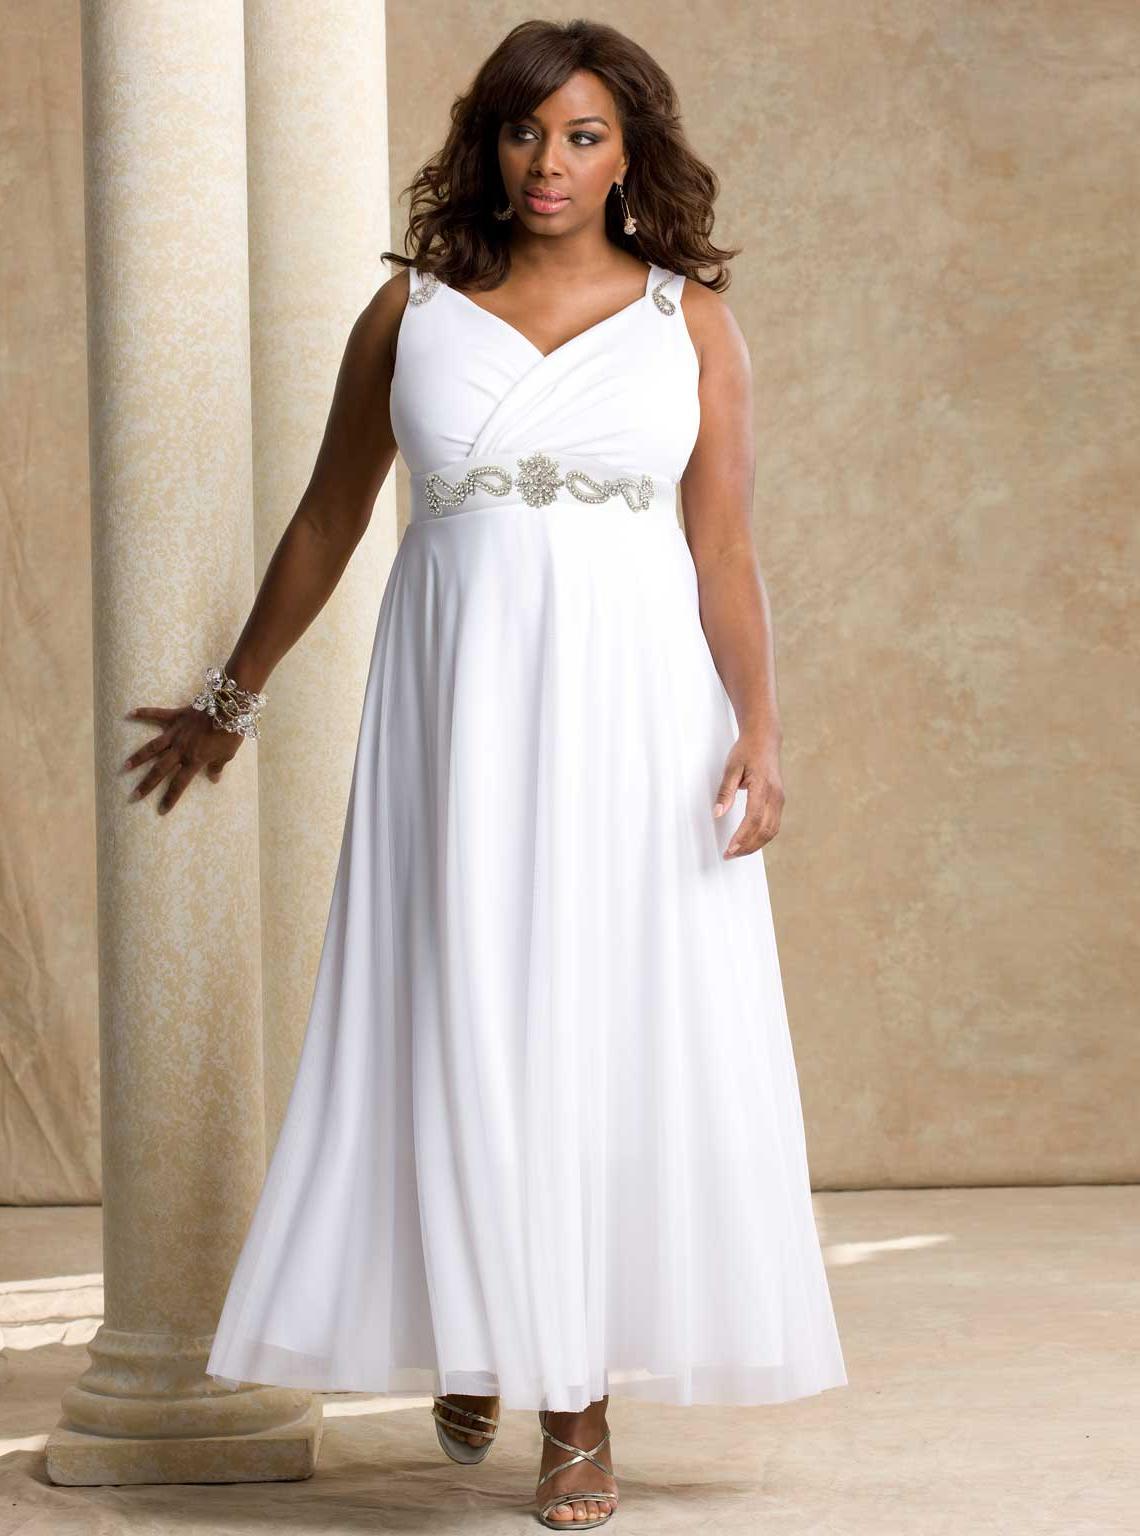 Plus Size Wedding Dresses Pnina Tornai : Chee s pnina tornai